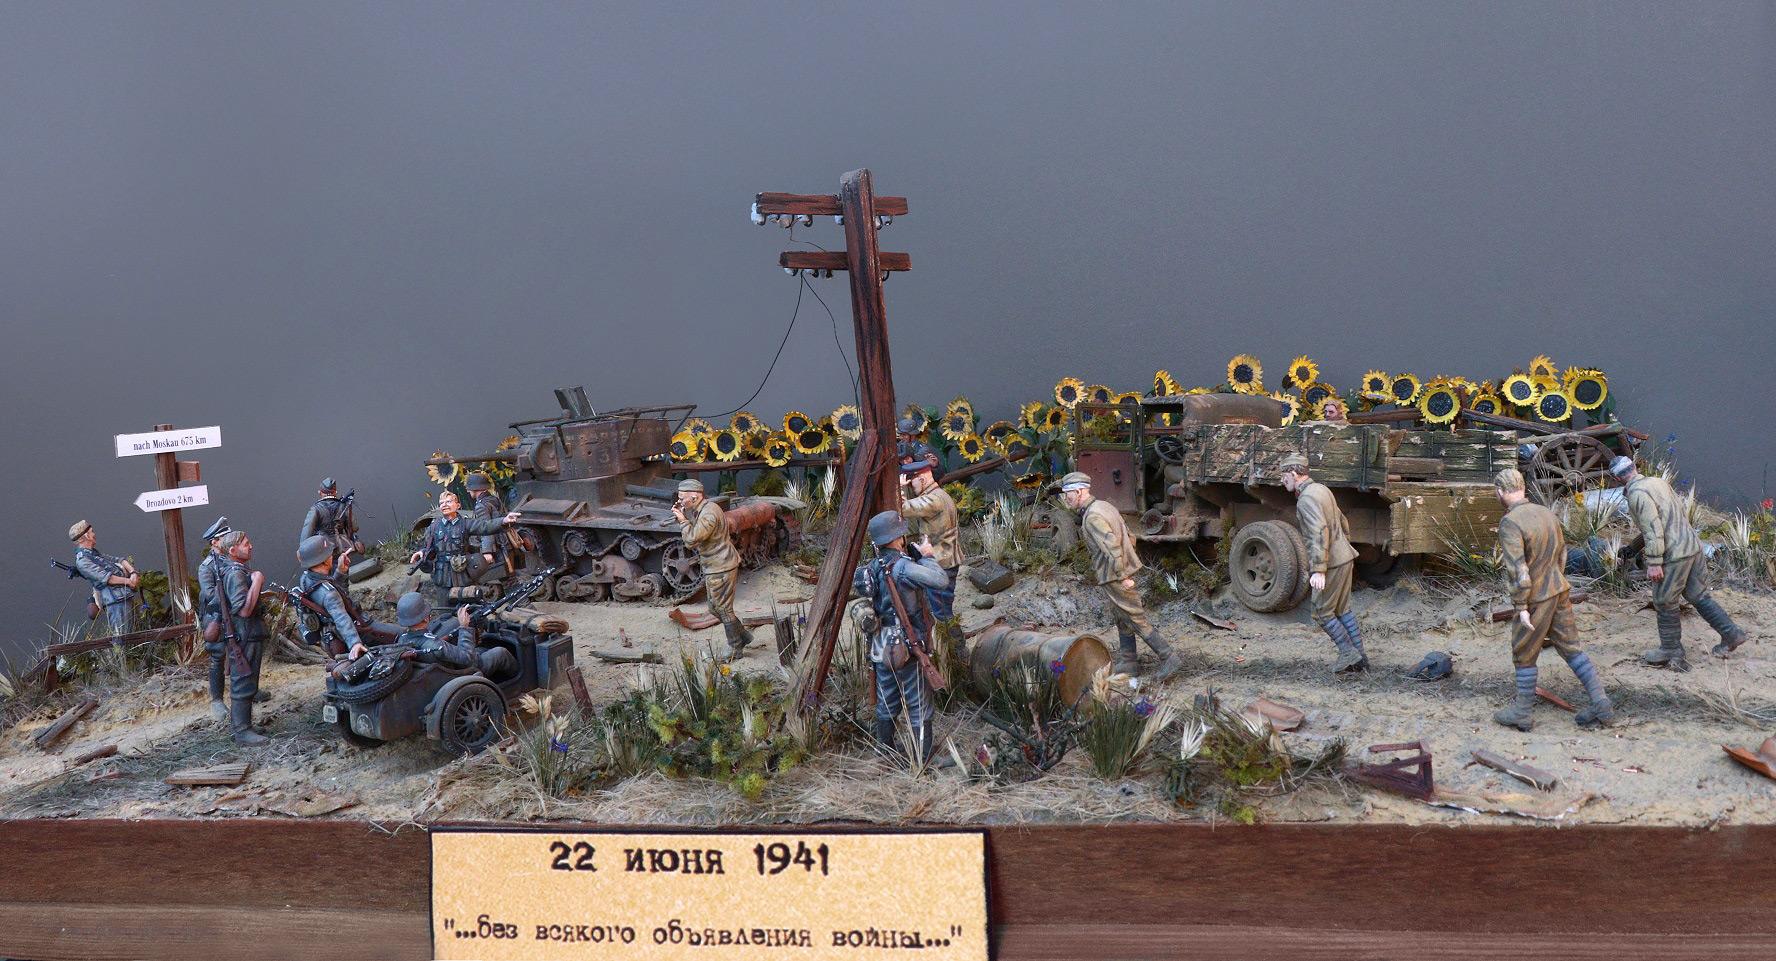 Диорамы и виньетки: 22 июня 1941 г. Без всякого объявления войны..., фото #19